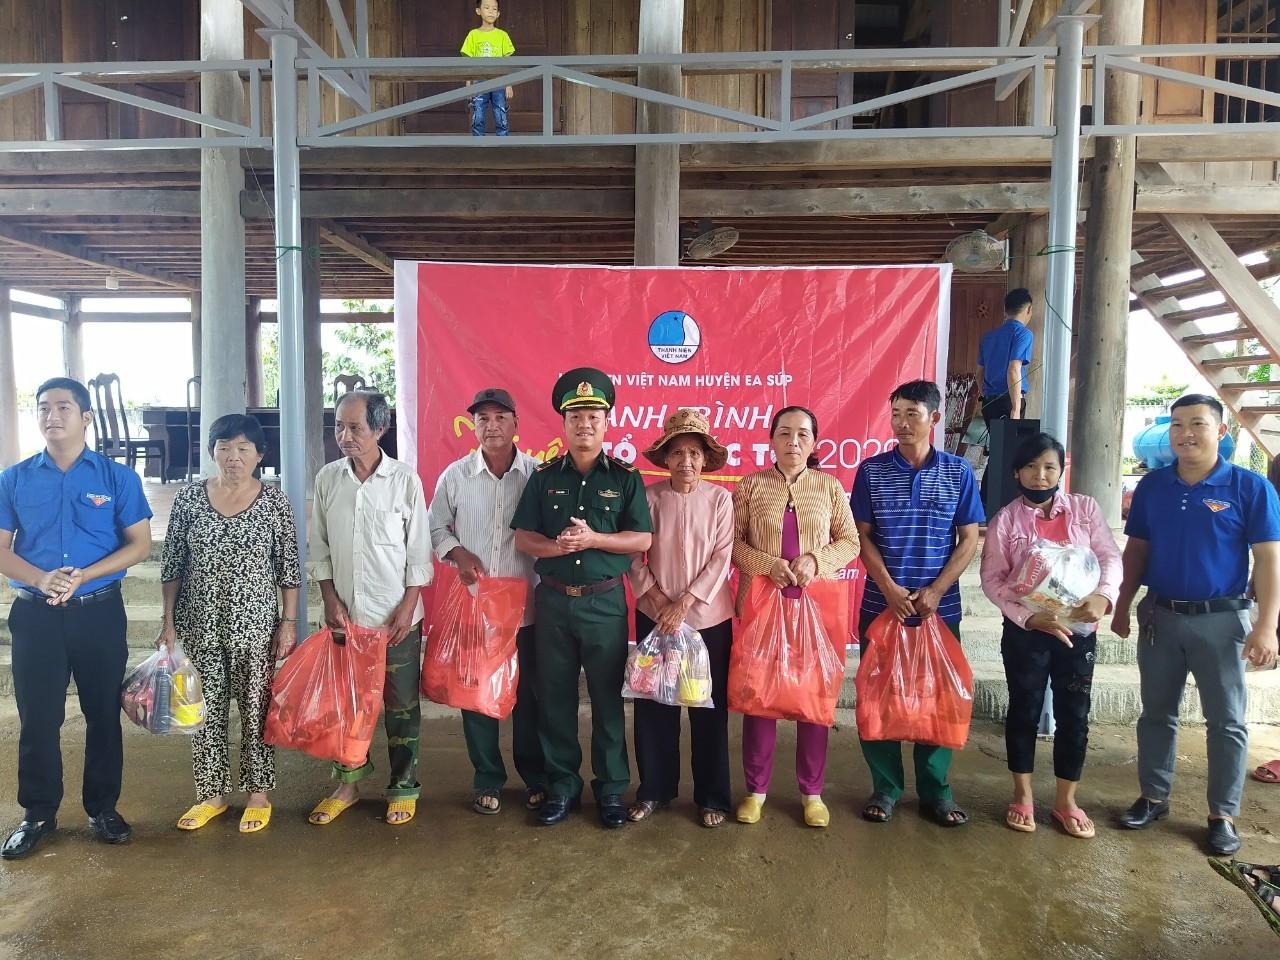 """Hành trình """"Tôi yêu Tổ quốc tôi"""" tại xã vùng biên Đắk Lắk"""